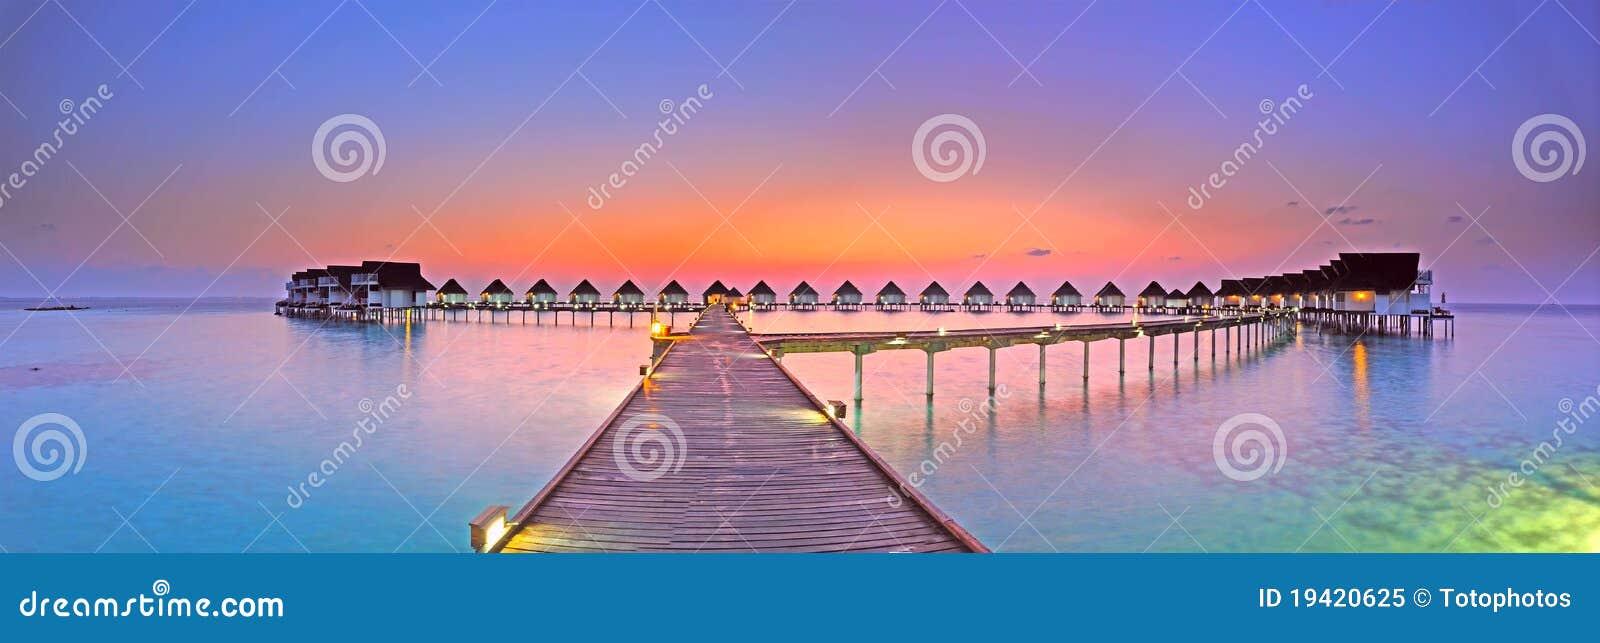 Panorama de la puesta del sol de la isla de Maldives